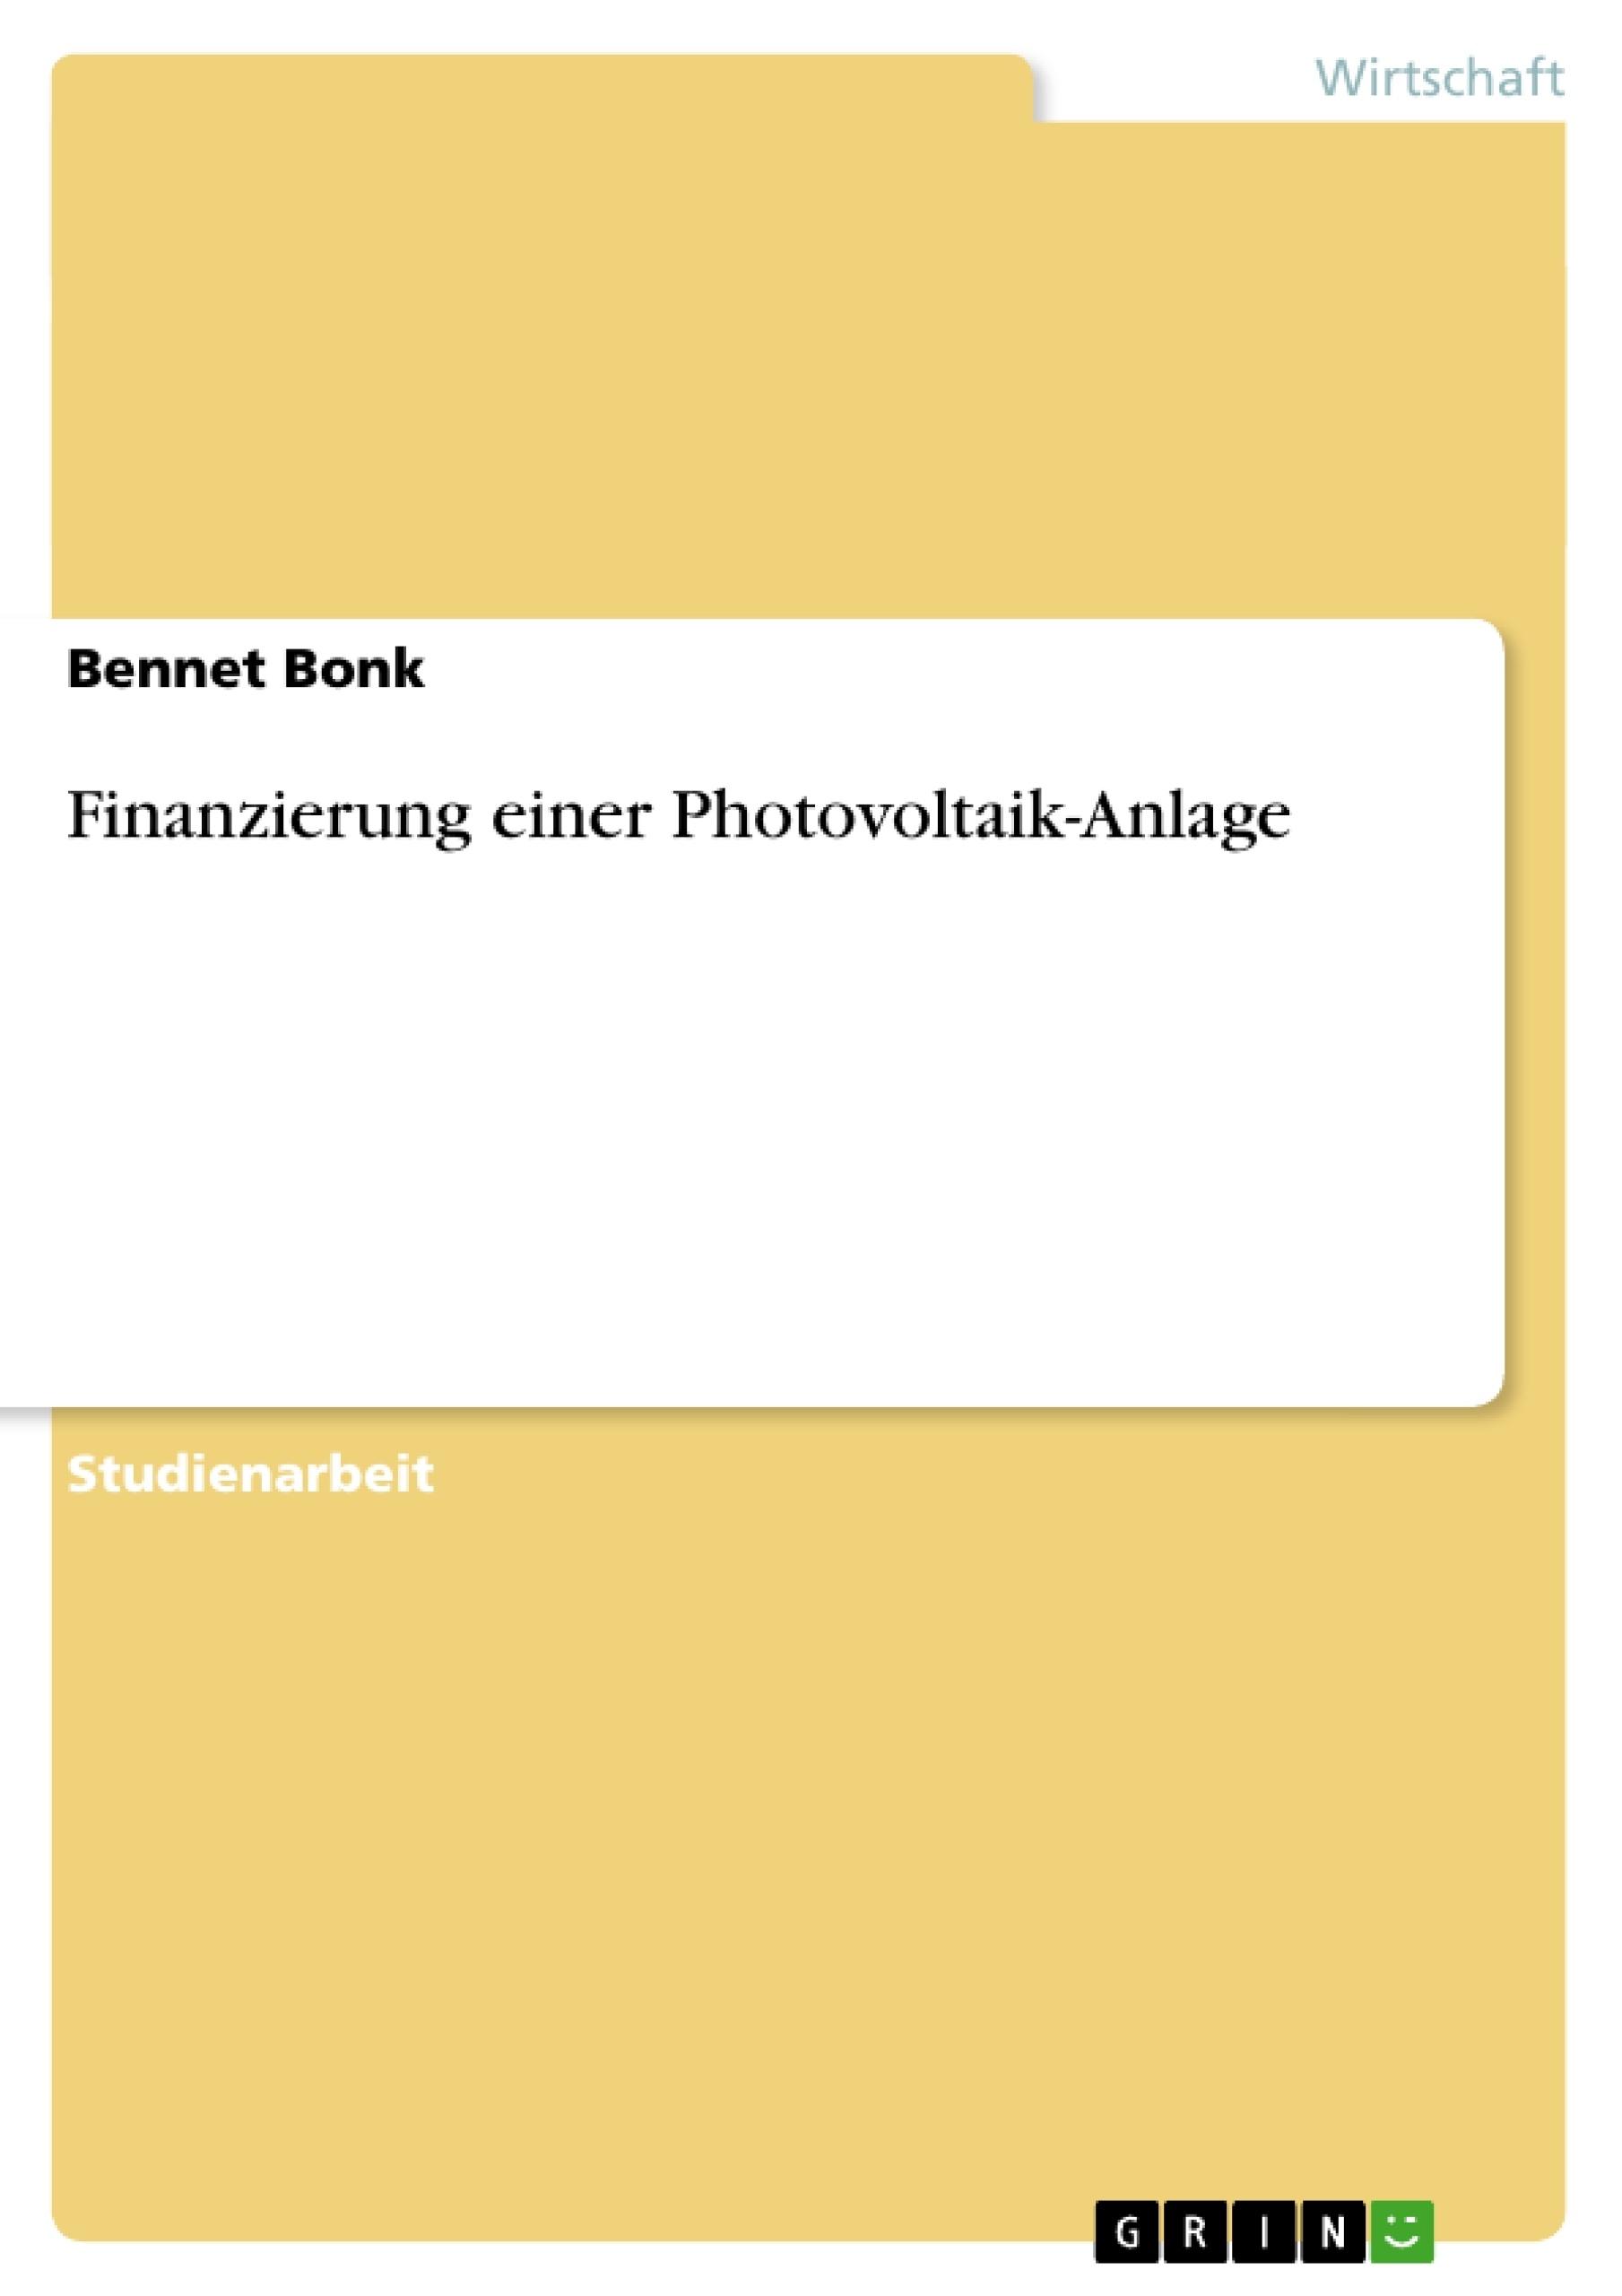 Titel: Finanzierung einer Photovoltaik-Anlage